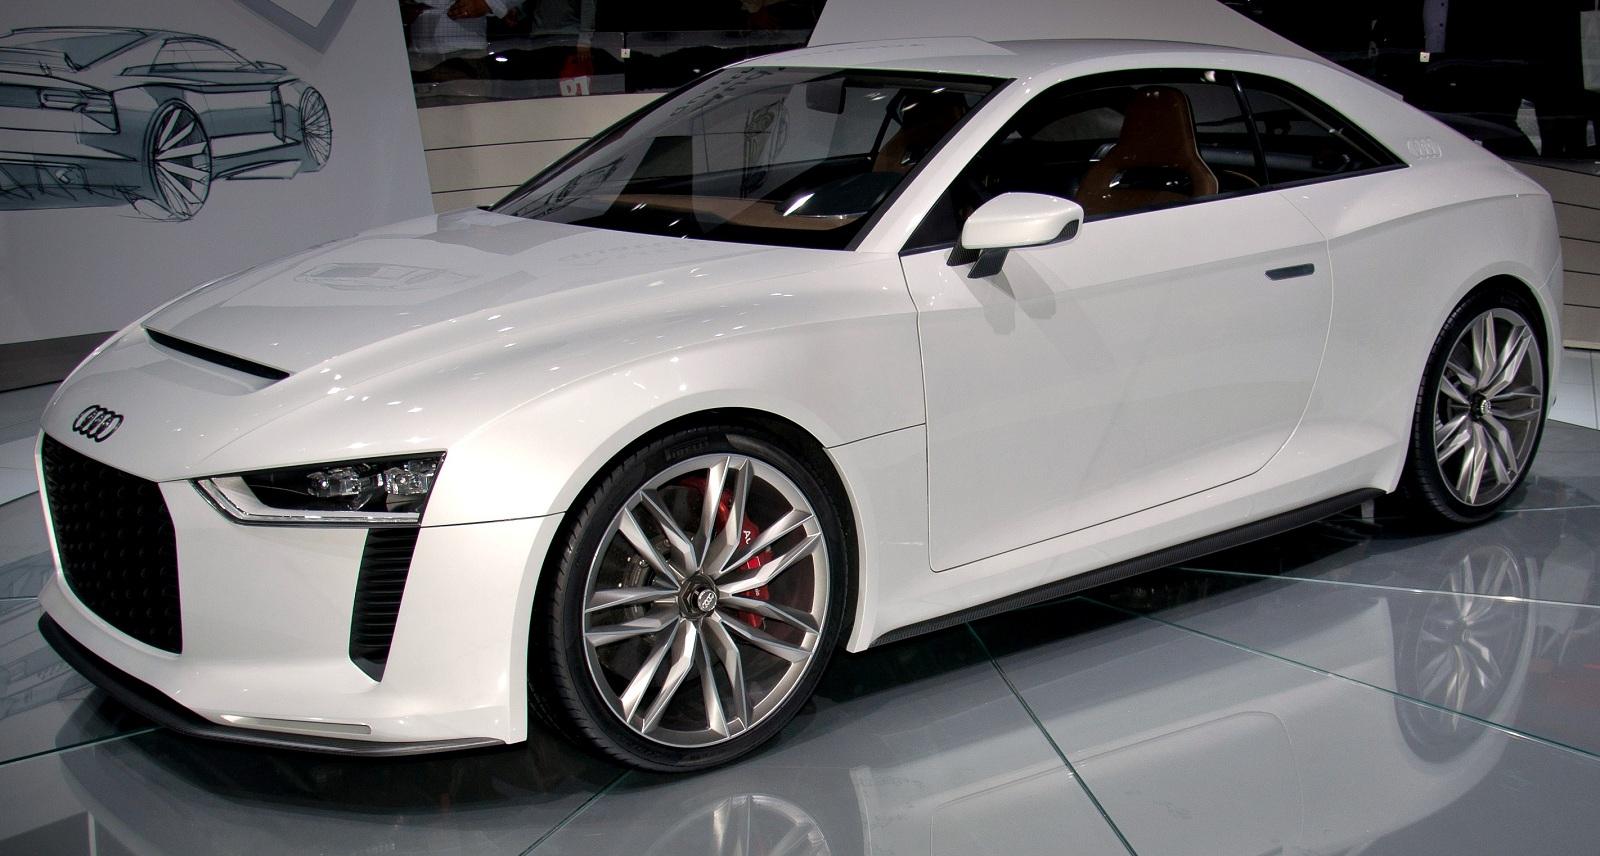 Срочный выкуп старого автомобиля позволит купить Audi R6 сразу после выхода